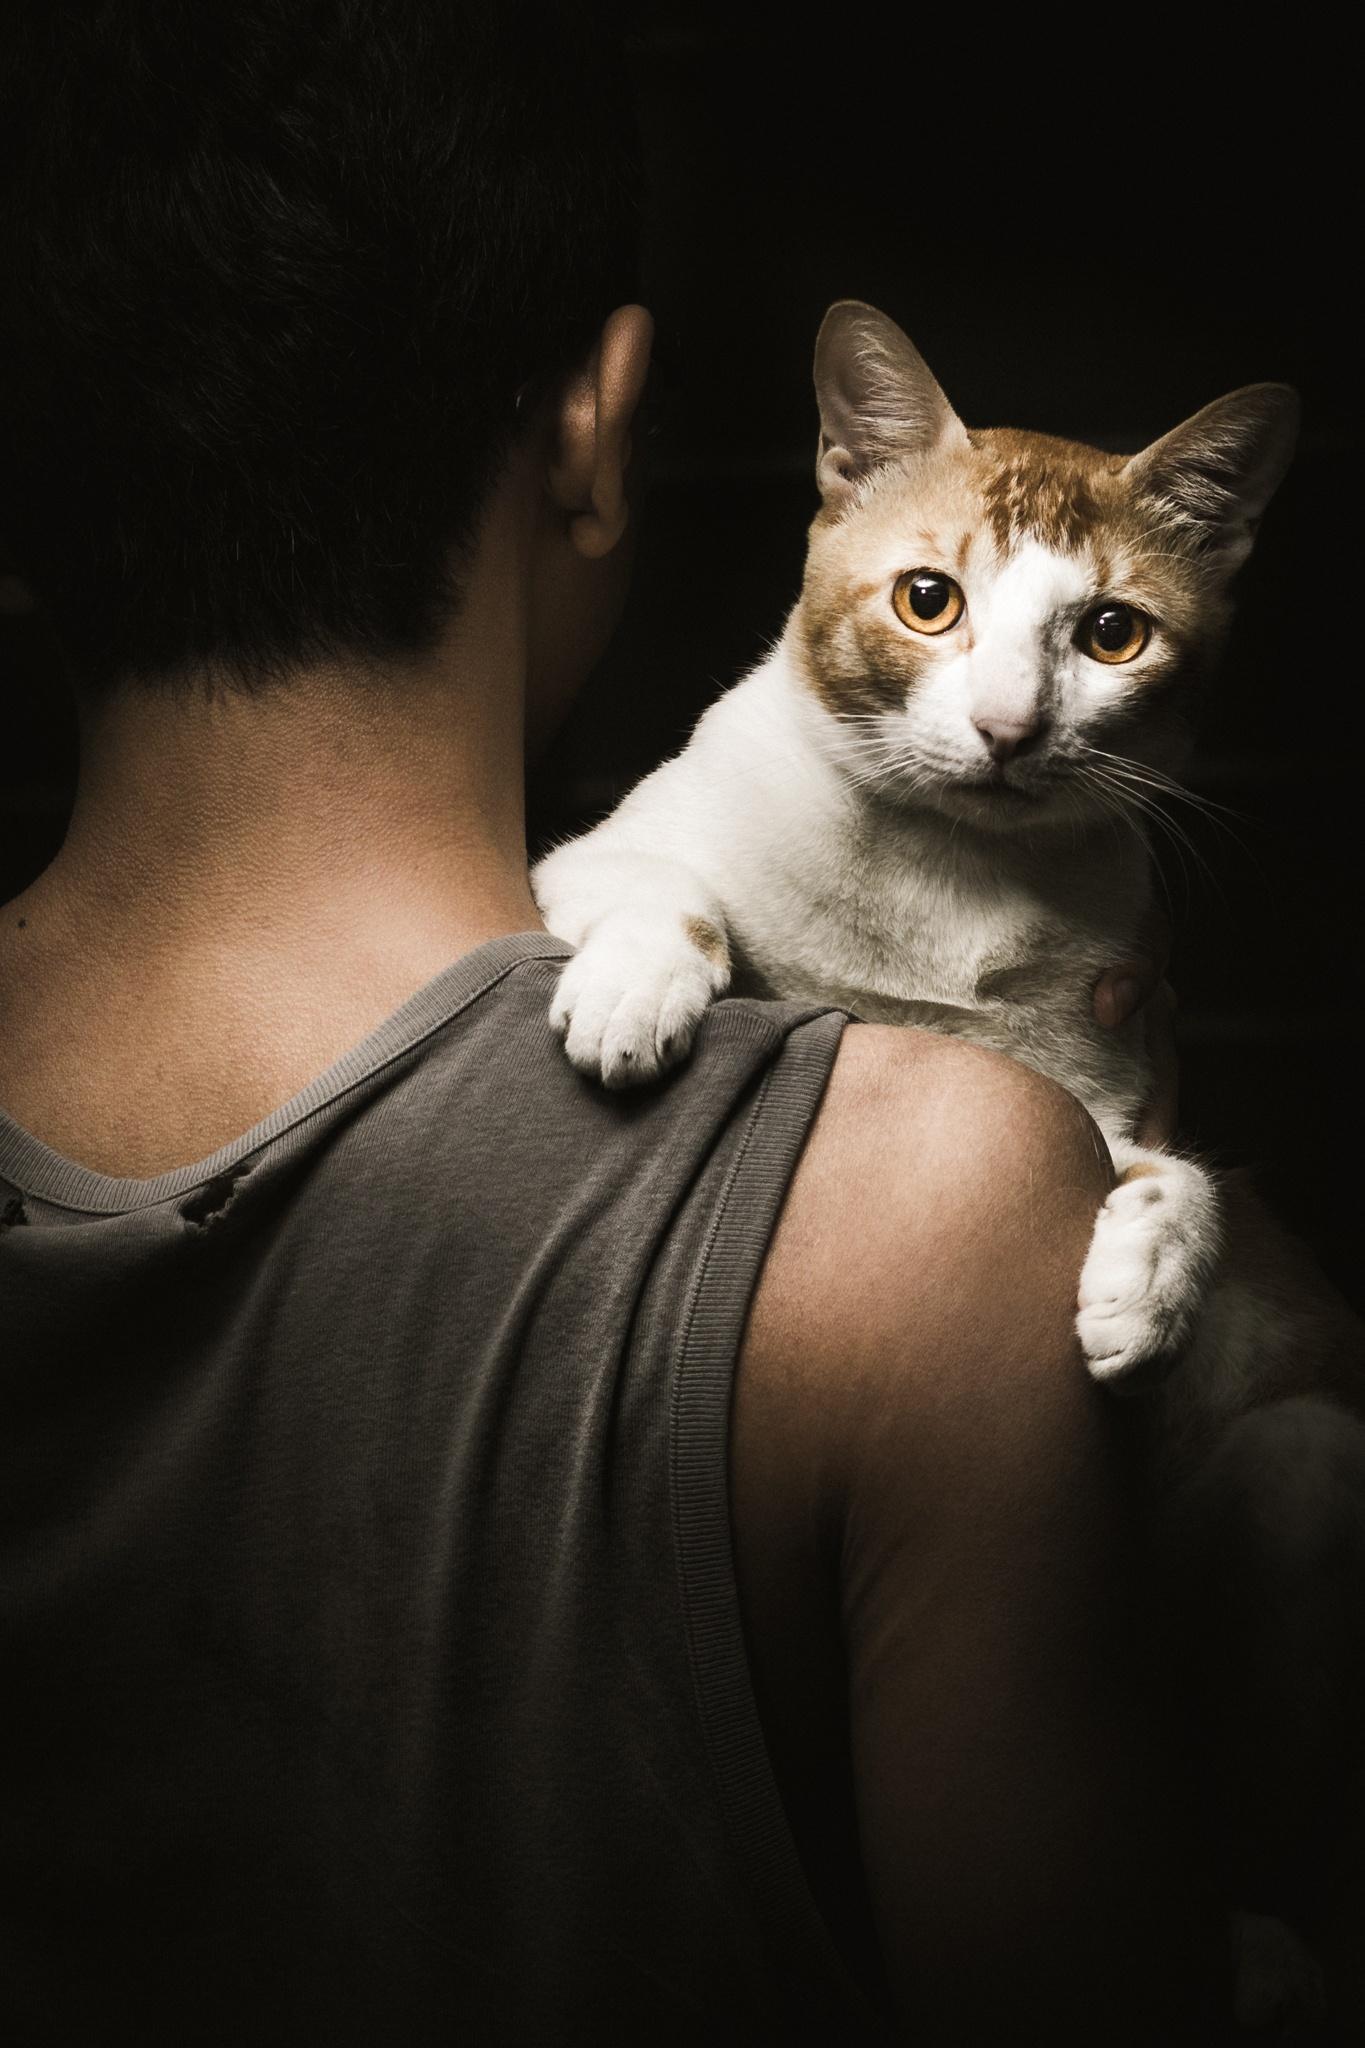 Cat n Soldier by Sane